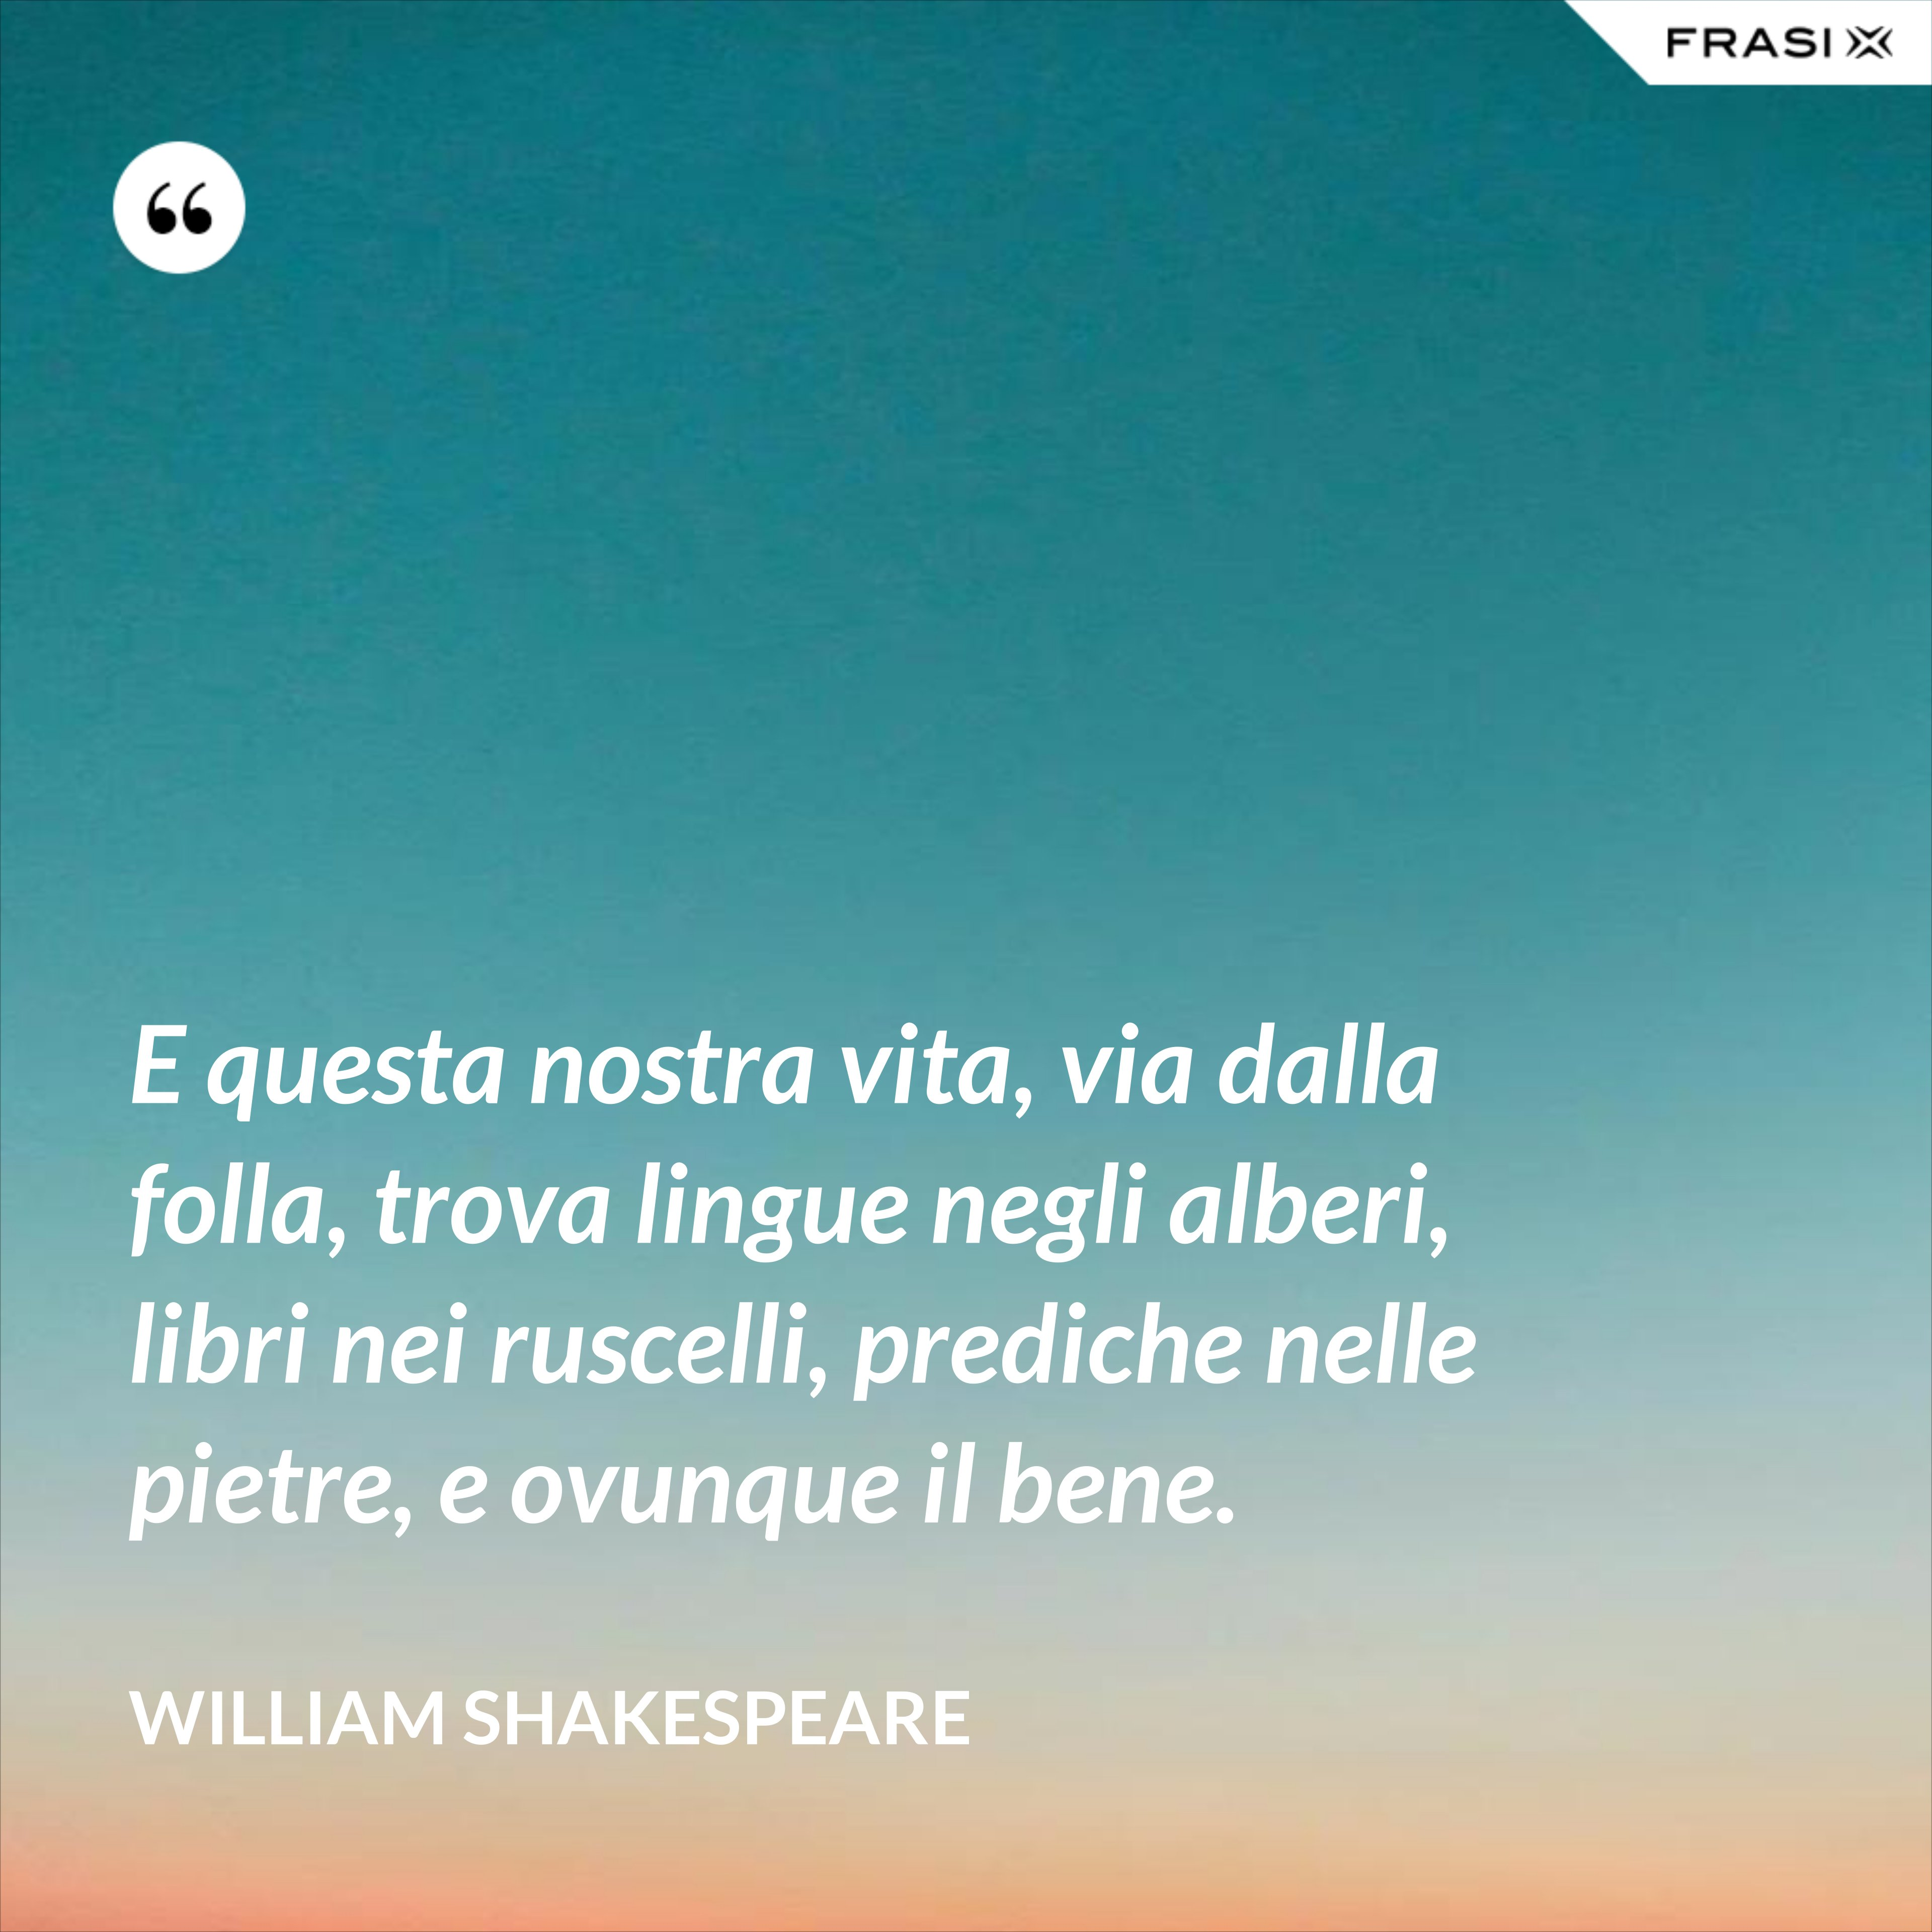 E questa nostra vita, via dalla folla, trova lingue negli alberi, libri nei ruscelli, prediche nelle pietre, e ovunque il bene. - William Shakespeare